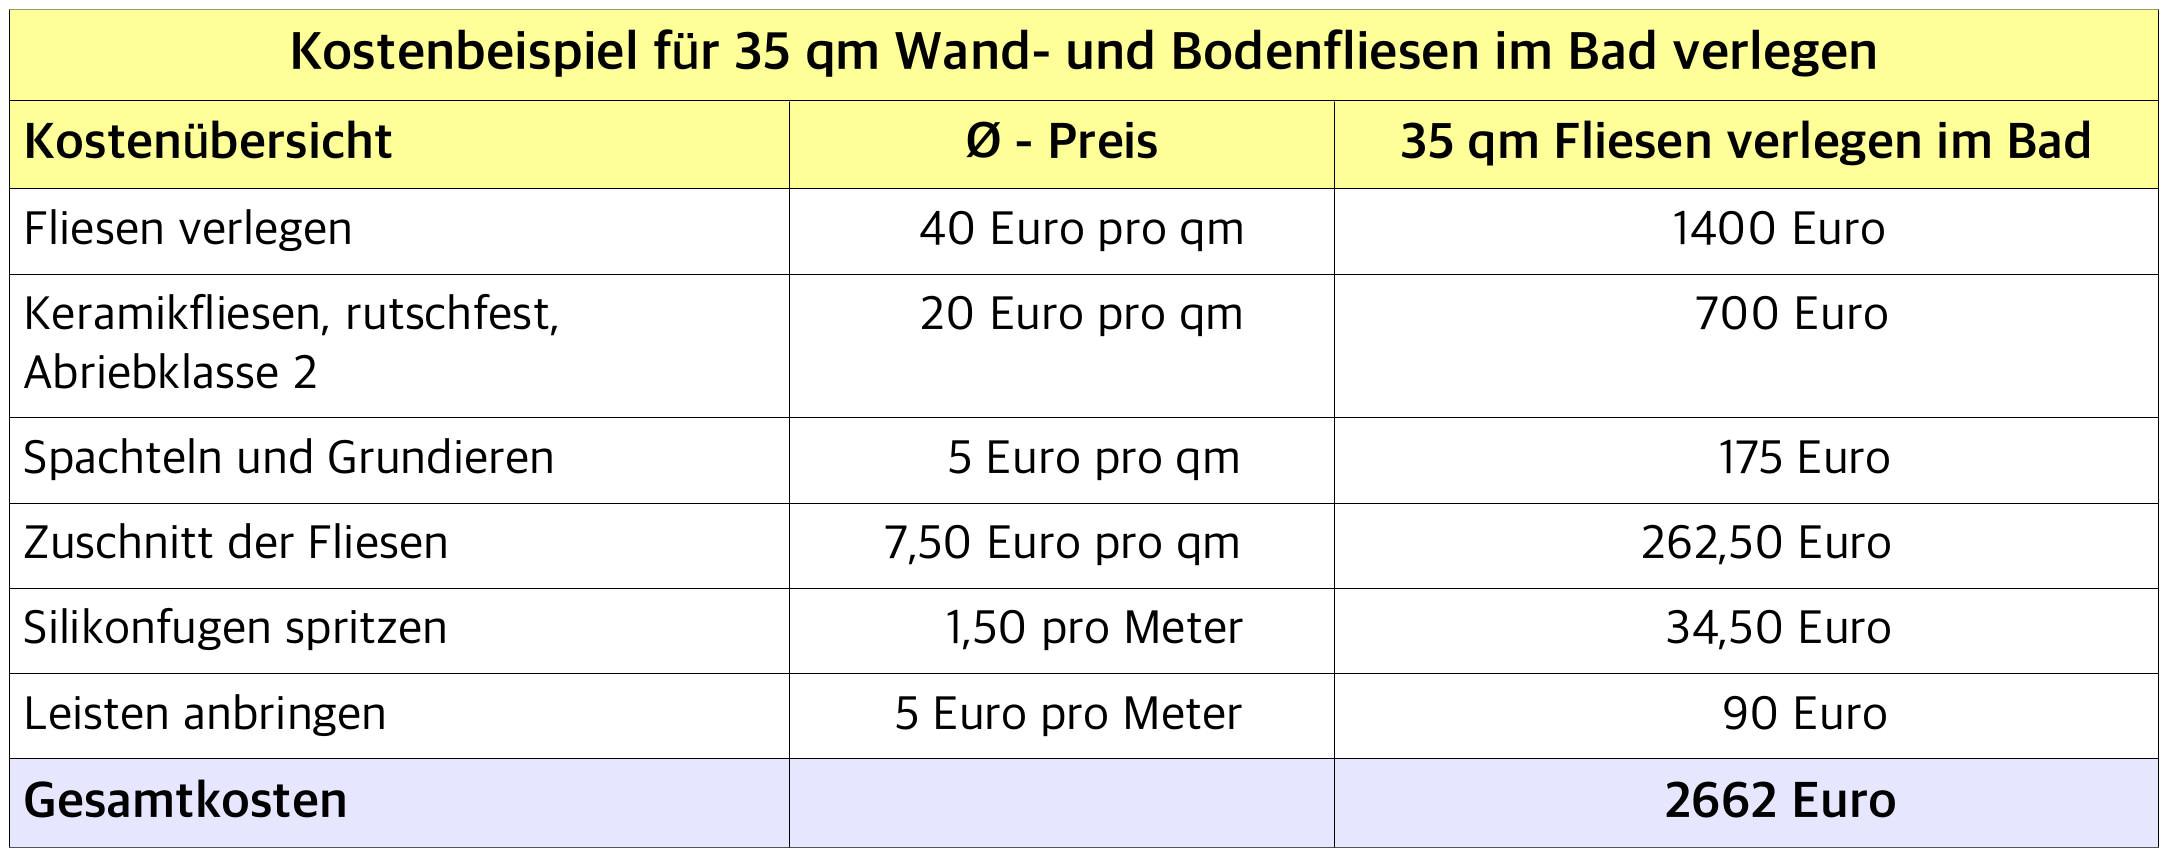 Beliebt Fliesenleger Kosten - Preisübersicht 2019 | handwerkerkosten.net SJ31